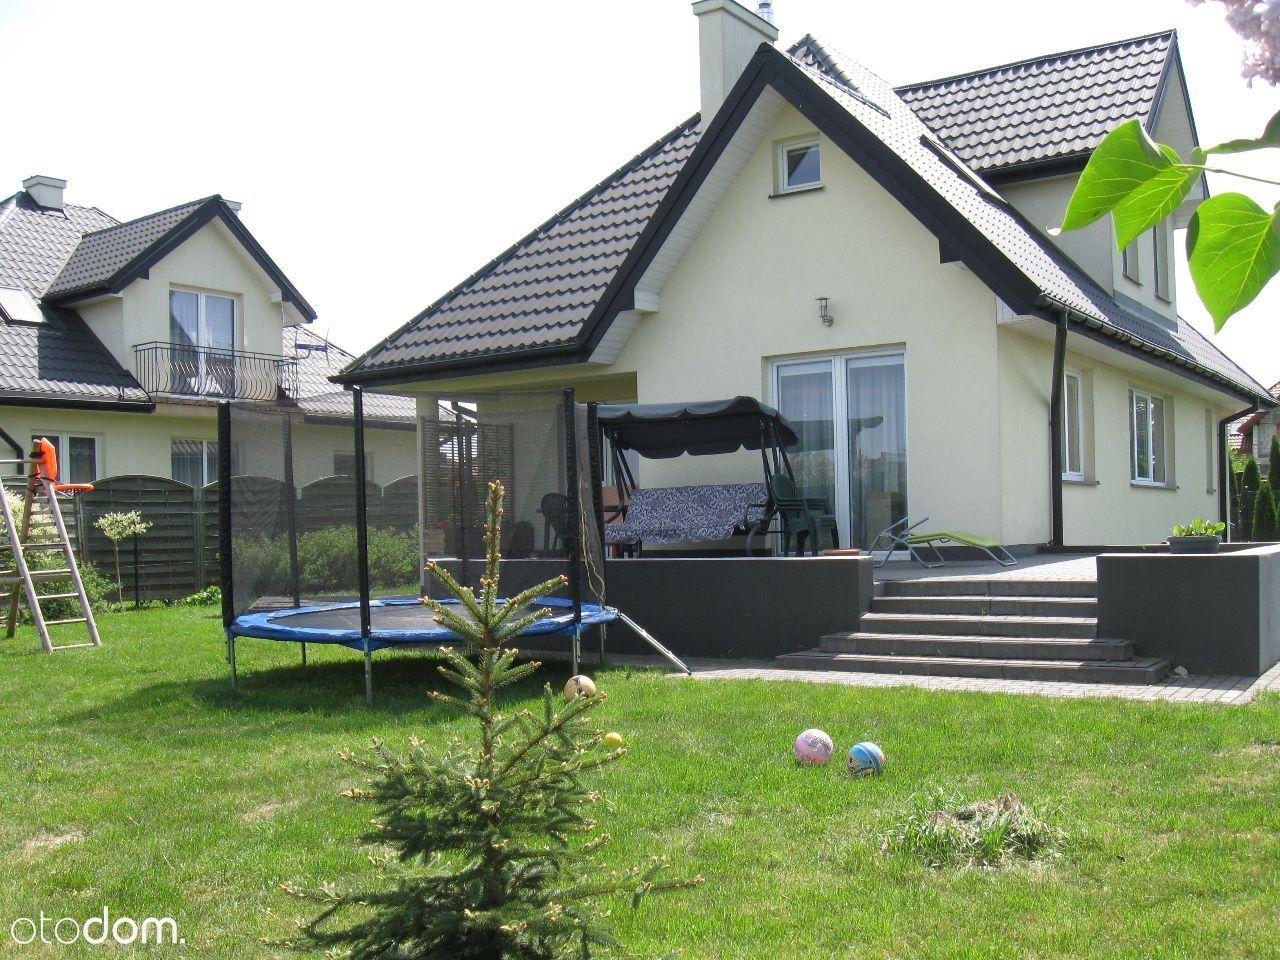 Dom na sprzedaż, Dominów, lubelski, lubelskie - Foto 3